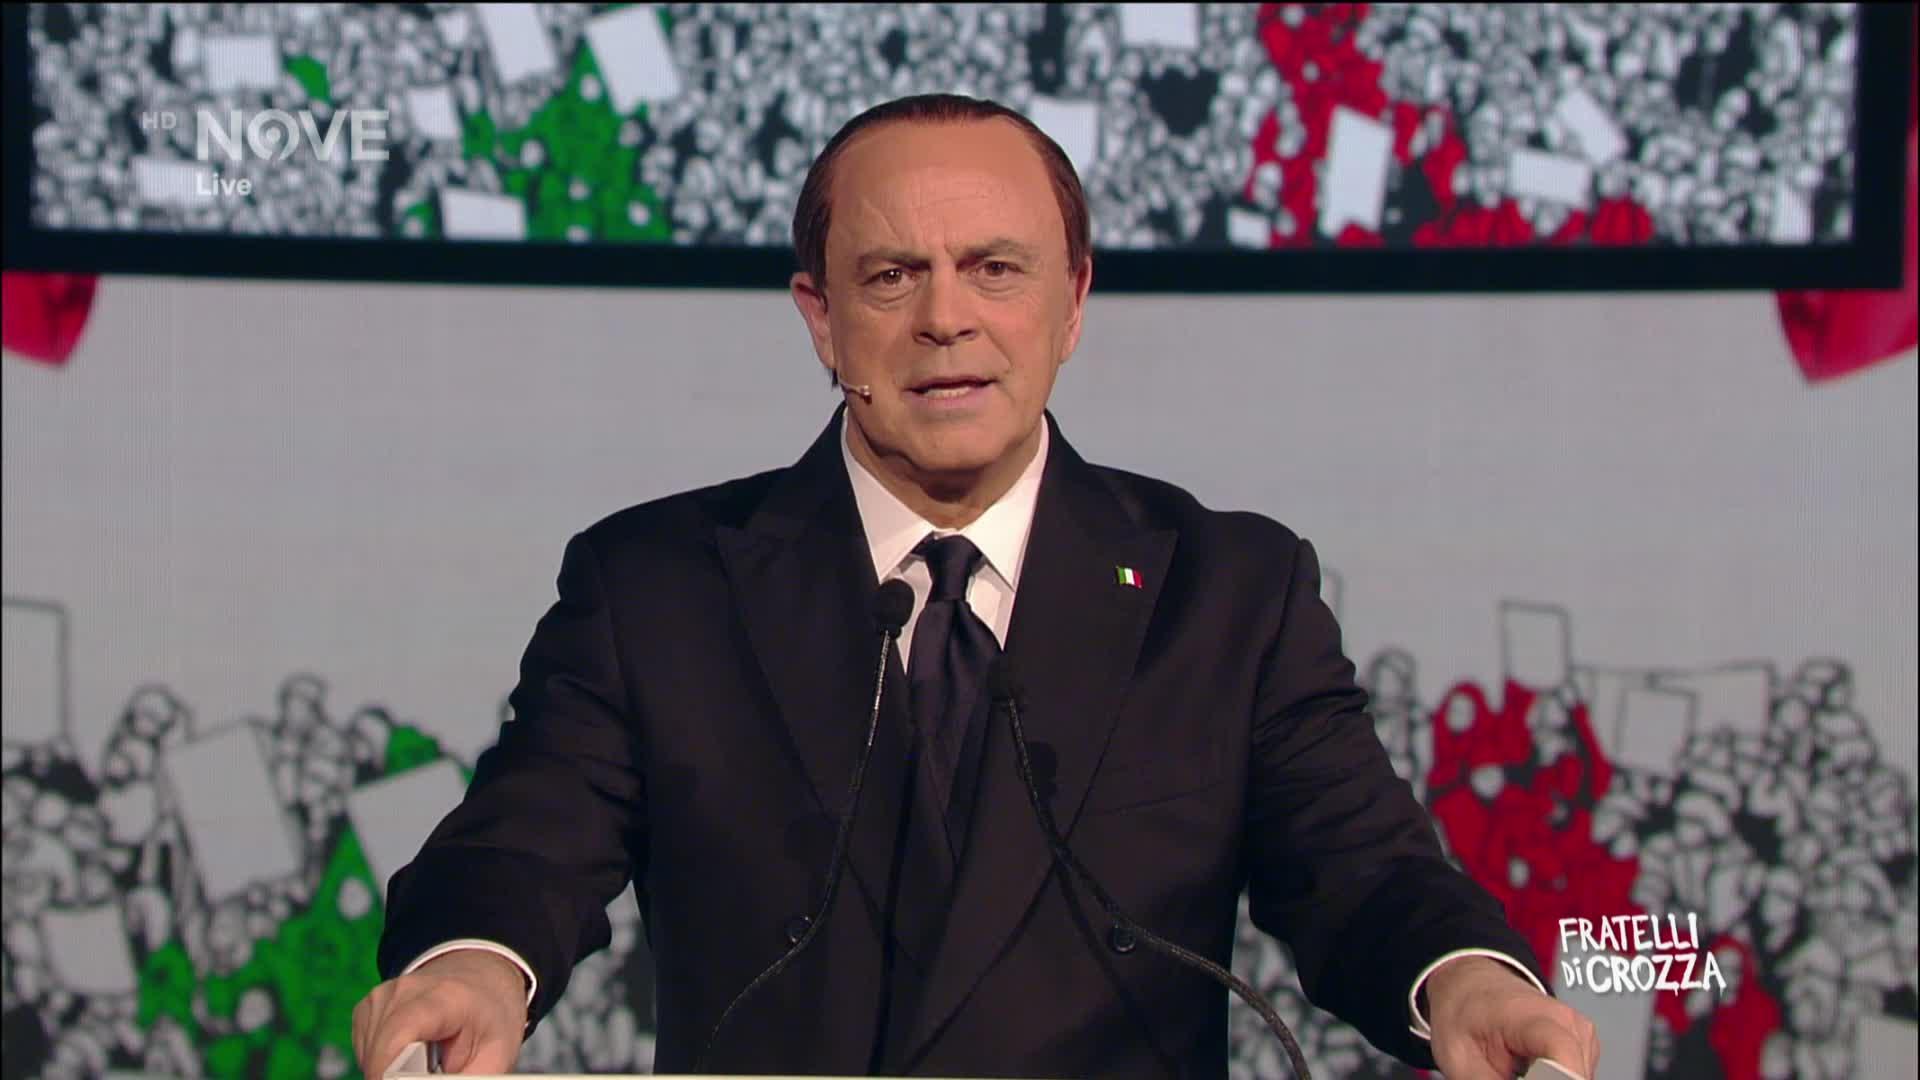 Fratelli Di Crozza Crozza Berlusconi La Flas Tas Dplay